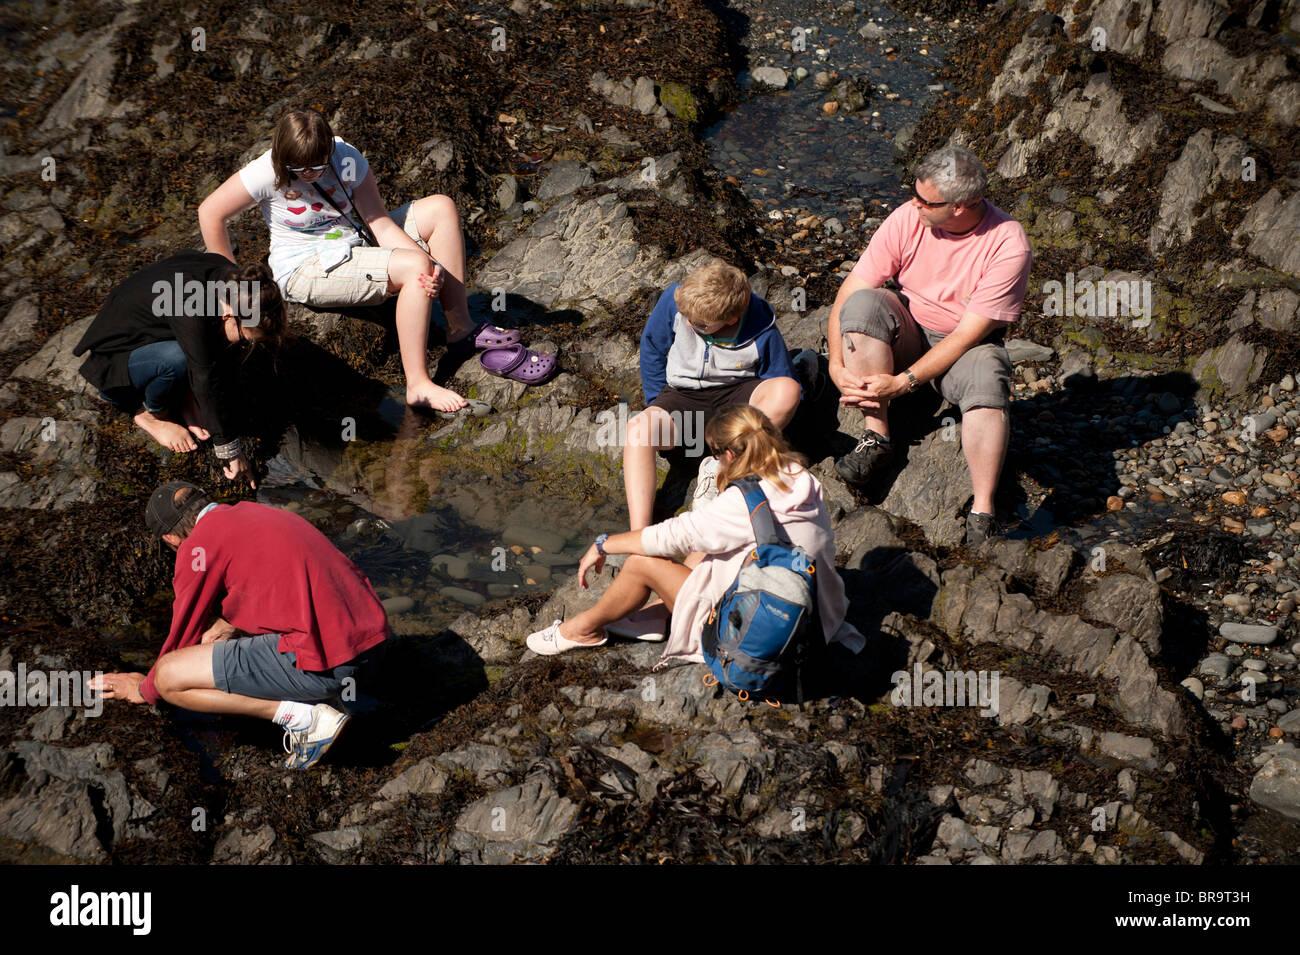 Vacances de banque lundi - une famille à la piscine dans les rochers Aberystwyth Wales UK Photo Stock